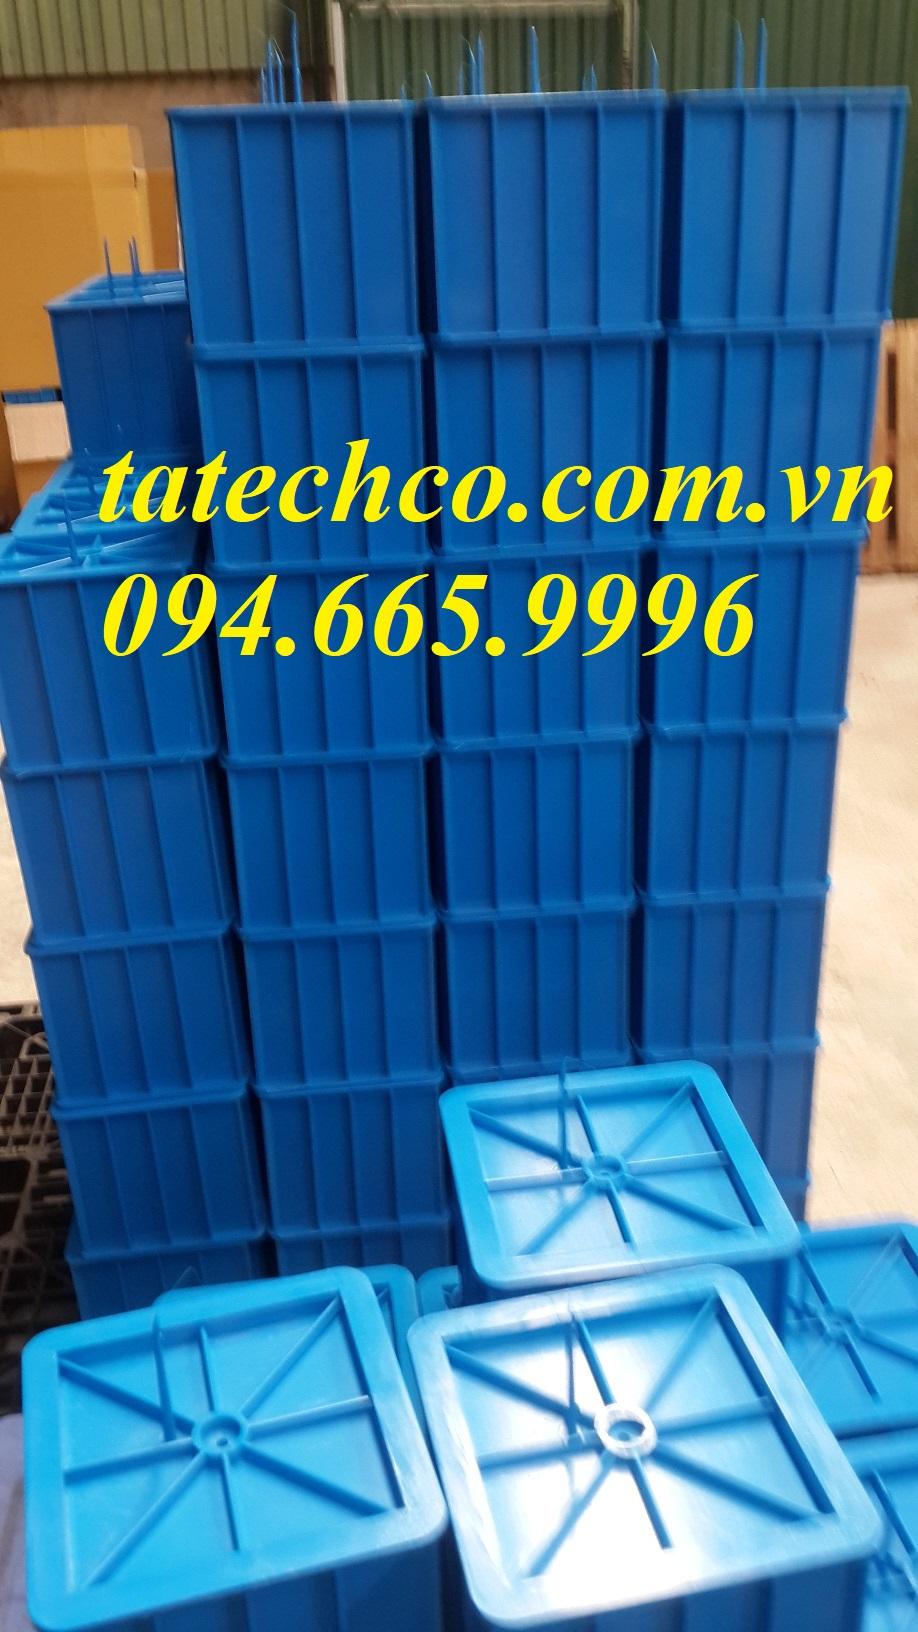 khuôn đúc mẫu bê tông lâp phương bằng nhựa 15x15x15cm